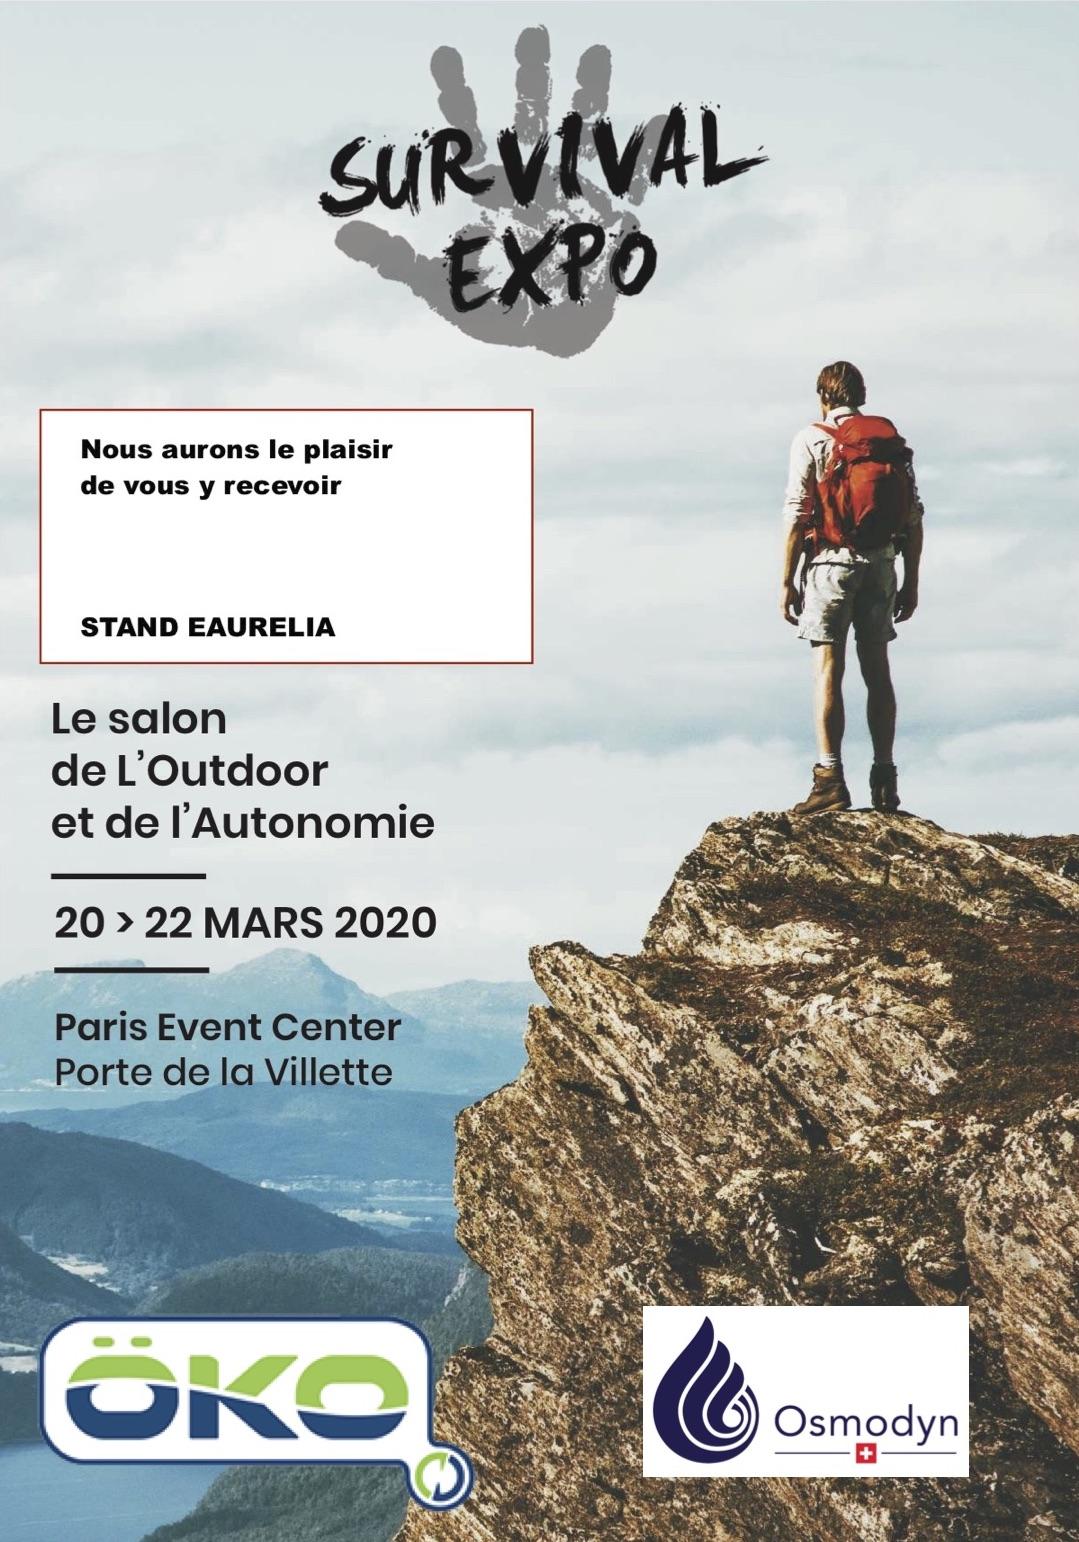 Survival 2020 Salon de l'outdoor et de l'autonomie Osmodyn Öko